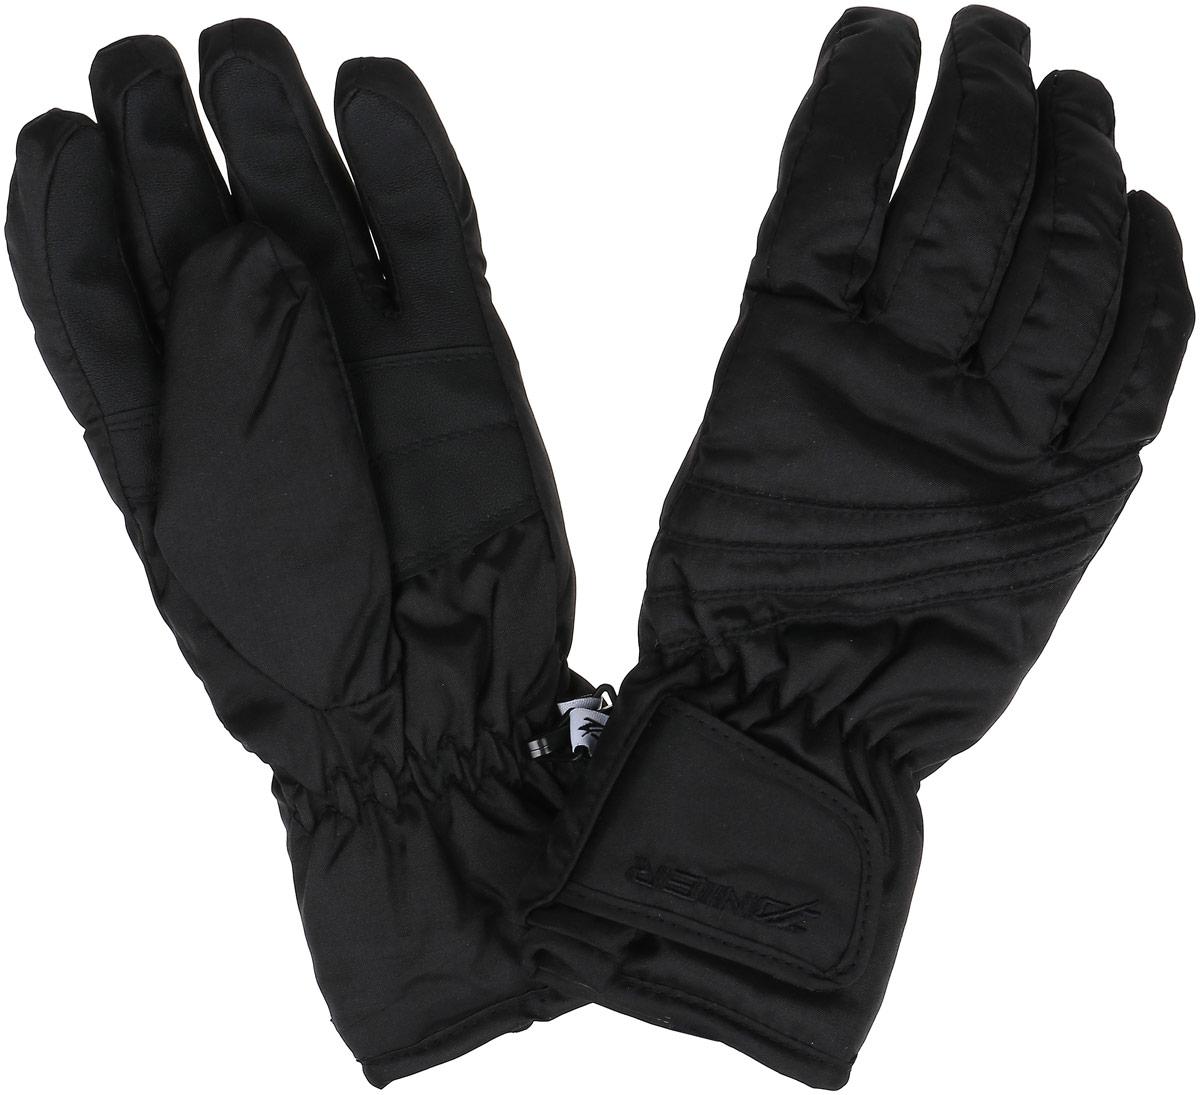 Перчатки27010Горнолыжные женские перчатки CHANGE DA Перчатки предназначены для занятий активными видами спорта и для носки в городе в холодную погоду. - Самые коммерческие перчатки - Абсолютный хит продаж на протяжении многих лет - Анатомический крой - Усиление большого пальца - Резинка по запястью - Регулировка по манжету на липучке - Мембрана обеспечивает защиту от намокания, отведение влаги и сохраняет руки сухими и теплыми во время занятий спортом Австрийская компания ZANIER производит аксессуары для активных видов спорта более 30 лет и на сегодняшний день является лидером продаж на Австрийском рынке и входит в четверку сильнейших производителей Европы. Перчатки ZANIER надежны, разработаны и протестированы в горах профессиональными спортсменами. Компания является официальным поставщиком сборной команды Австрии по сноуборду.